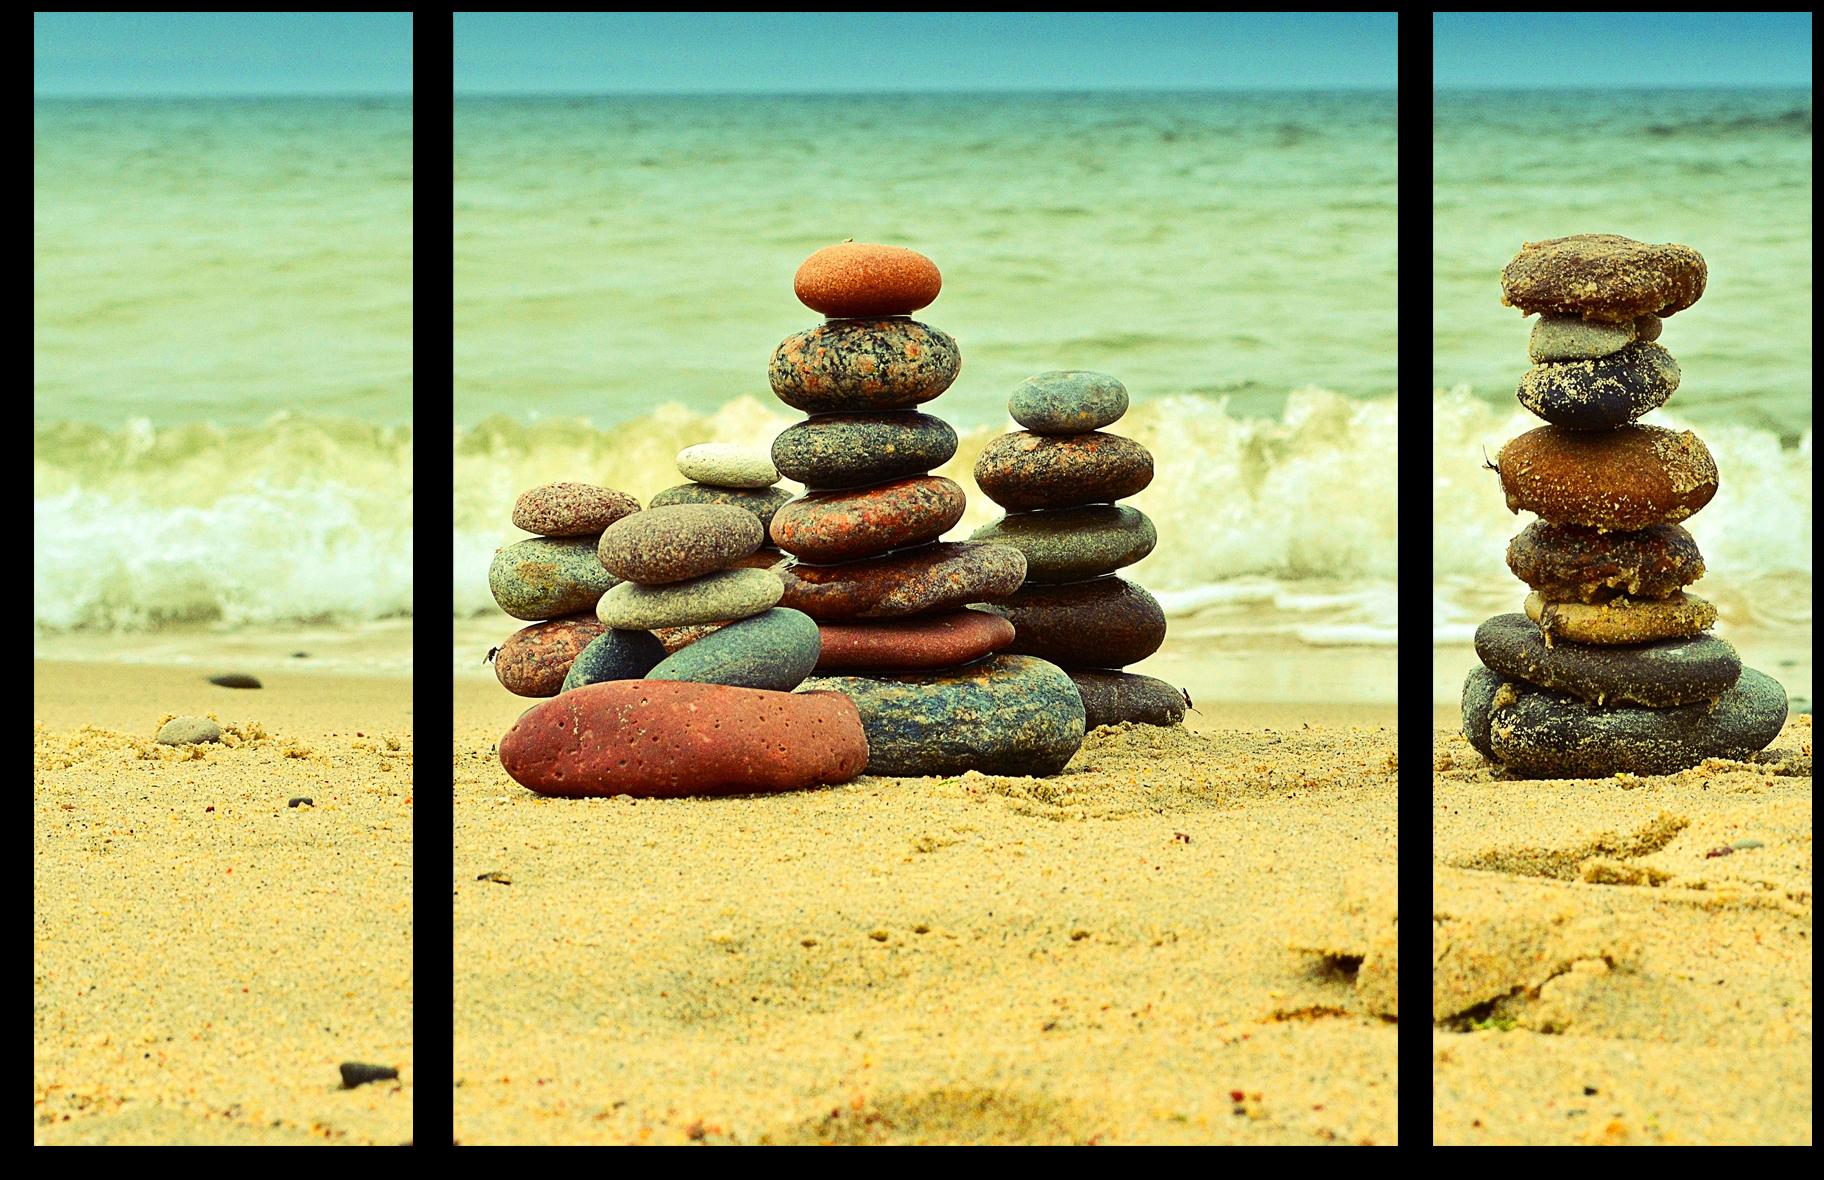 Природа Модульная картина ''Пирамидки из камней'' М214.png